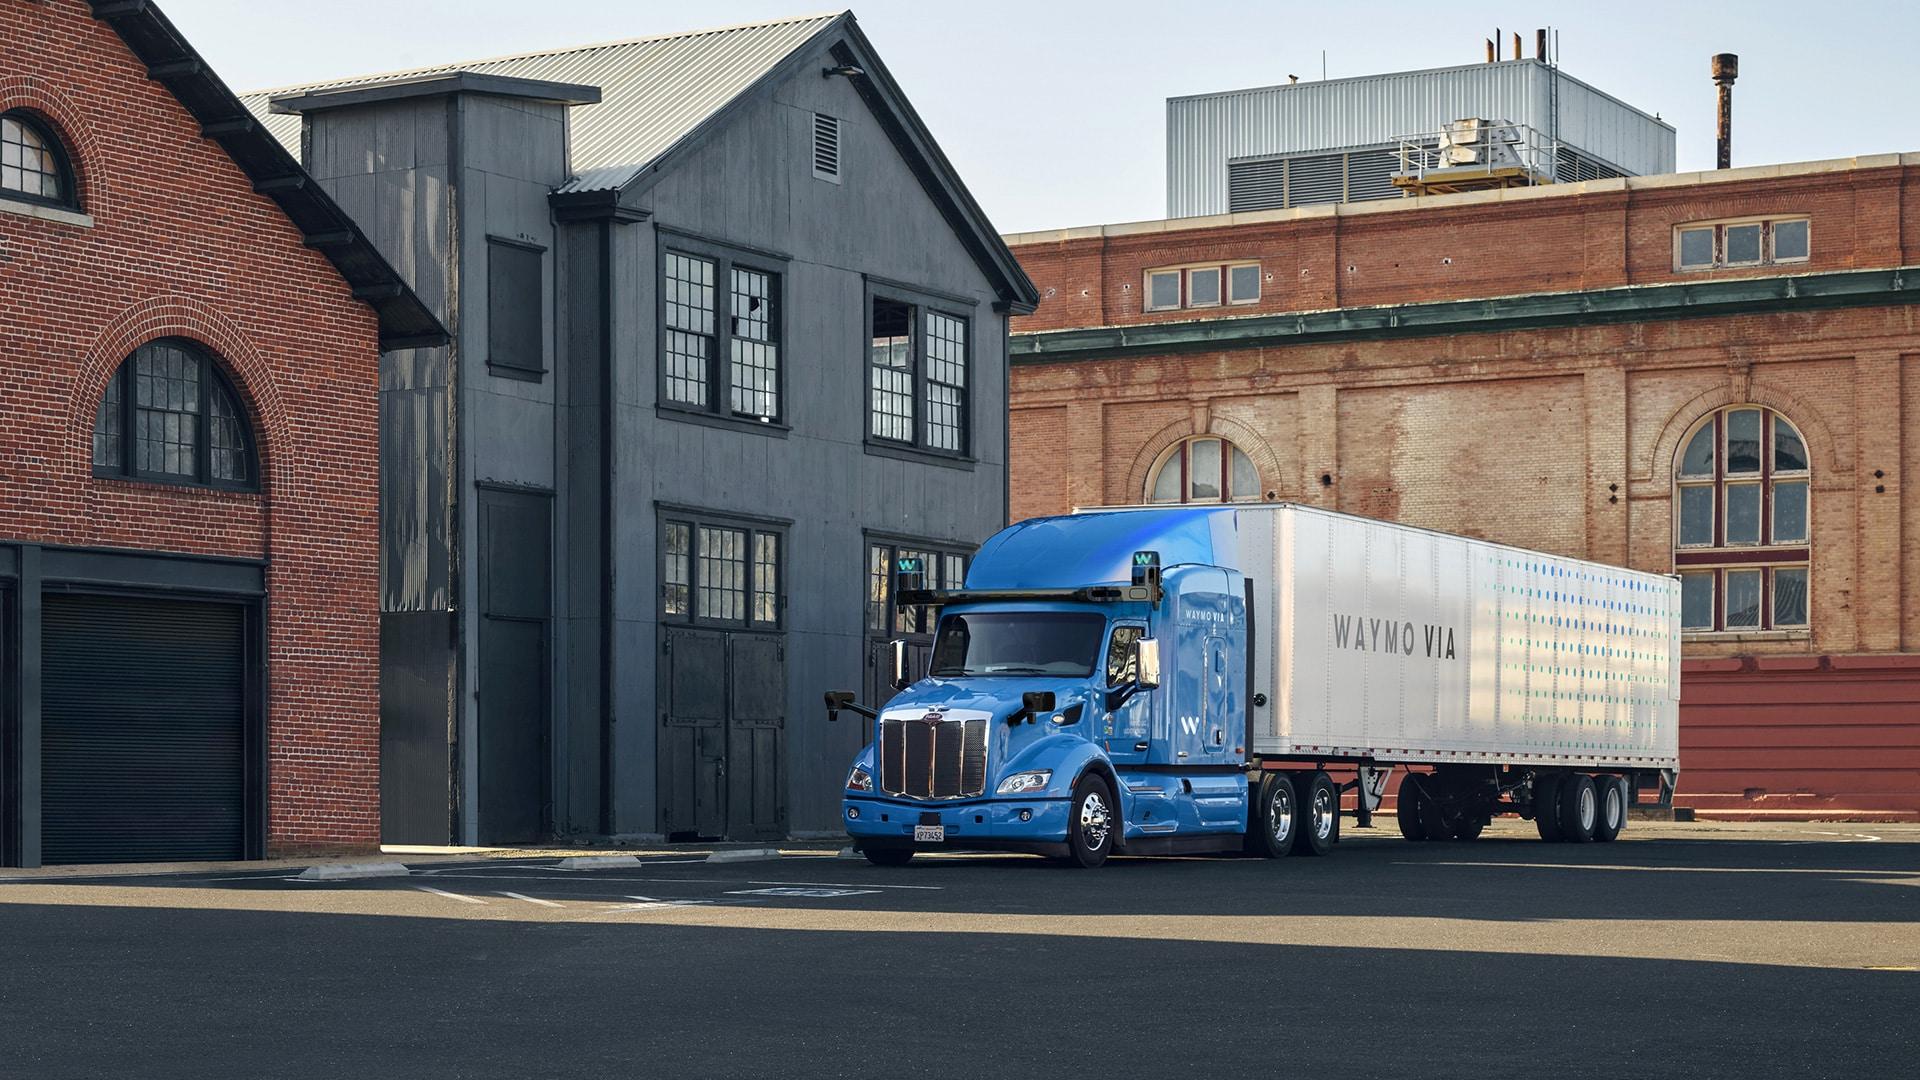 Waymo va transporter des marchandises avec des camions autonomes dans le Texas